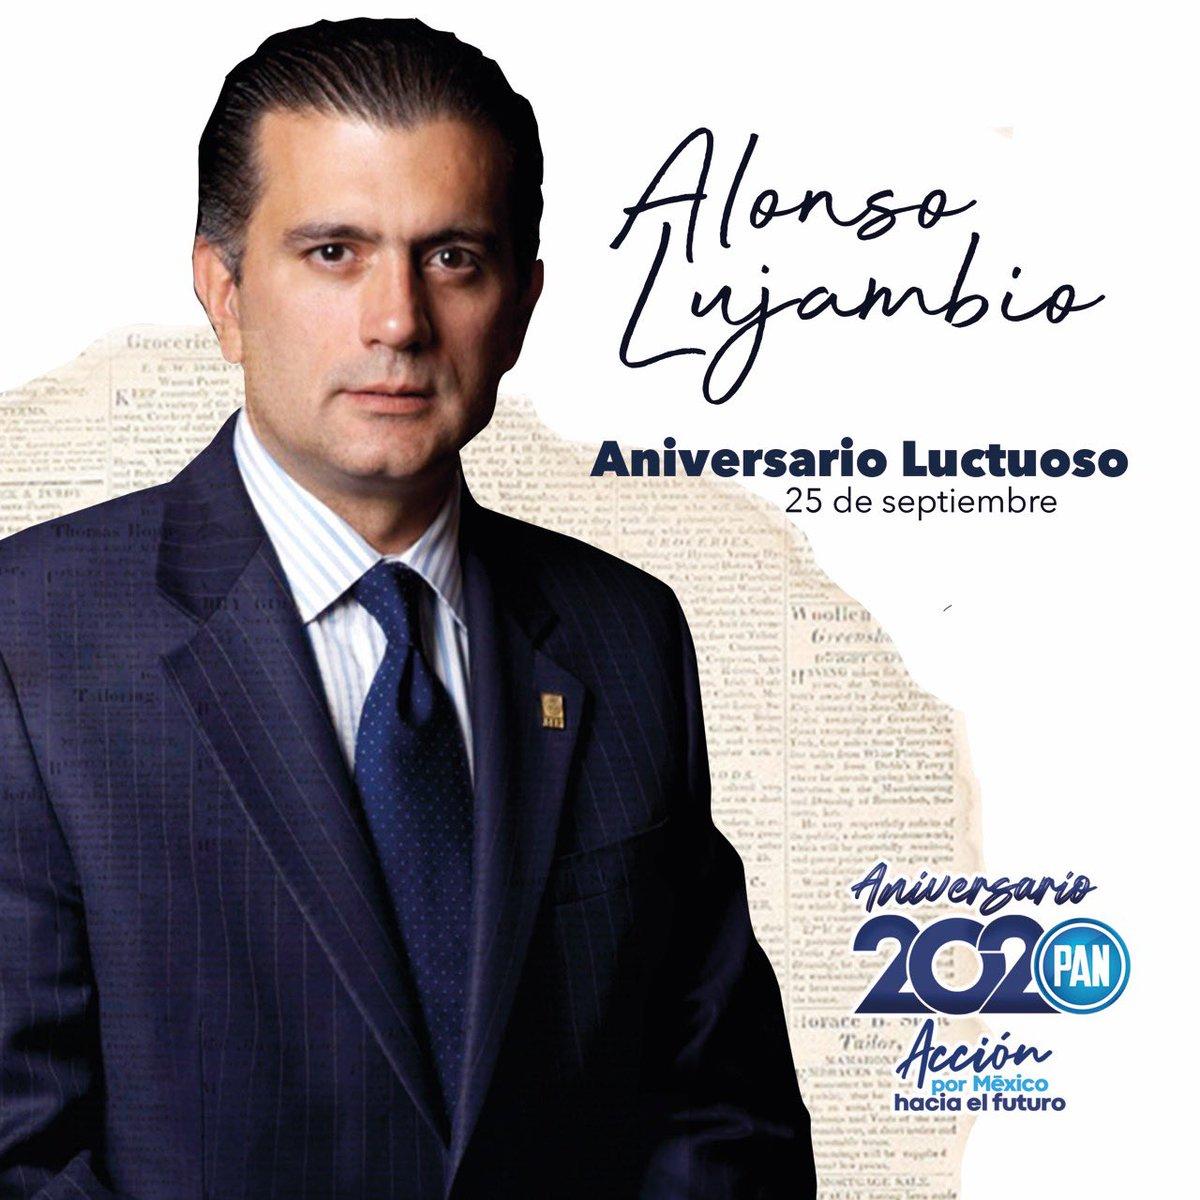 Hoy conmemoramos el aniversario luctuoso de Alonso Lujambio, gran constructor y defensor de la democracia en nuestro país. https://t.co/iDenGIhczA